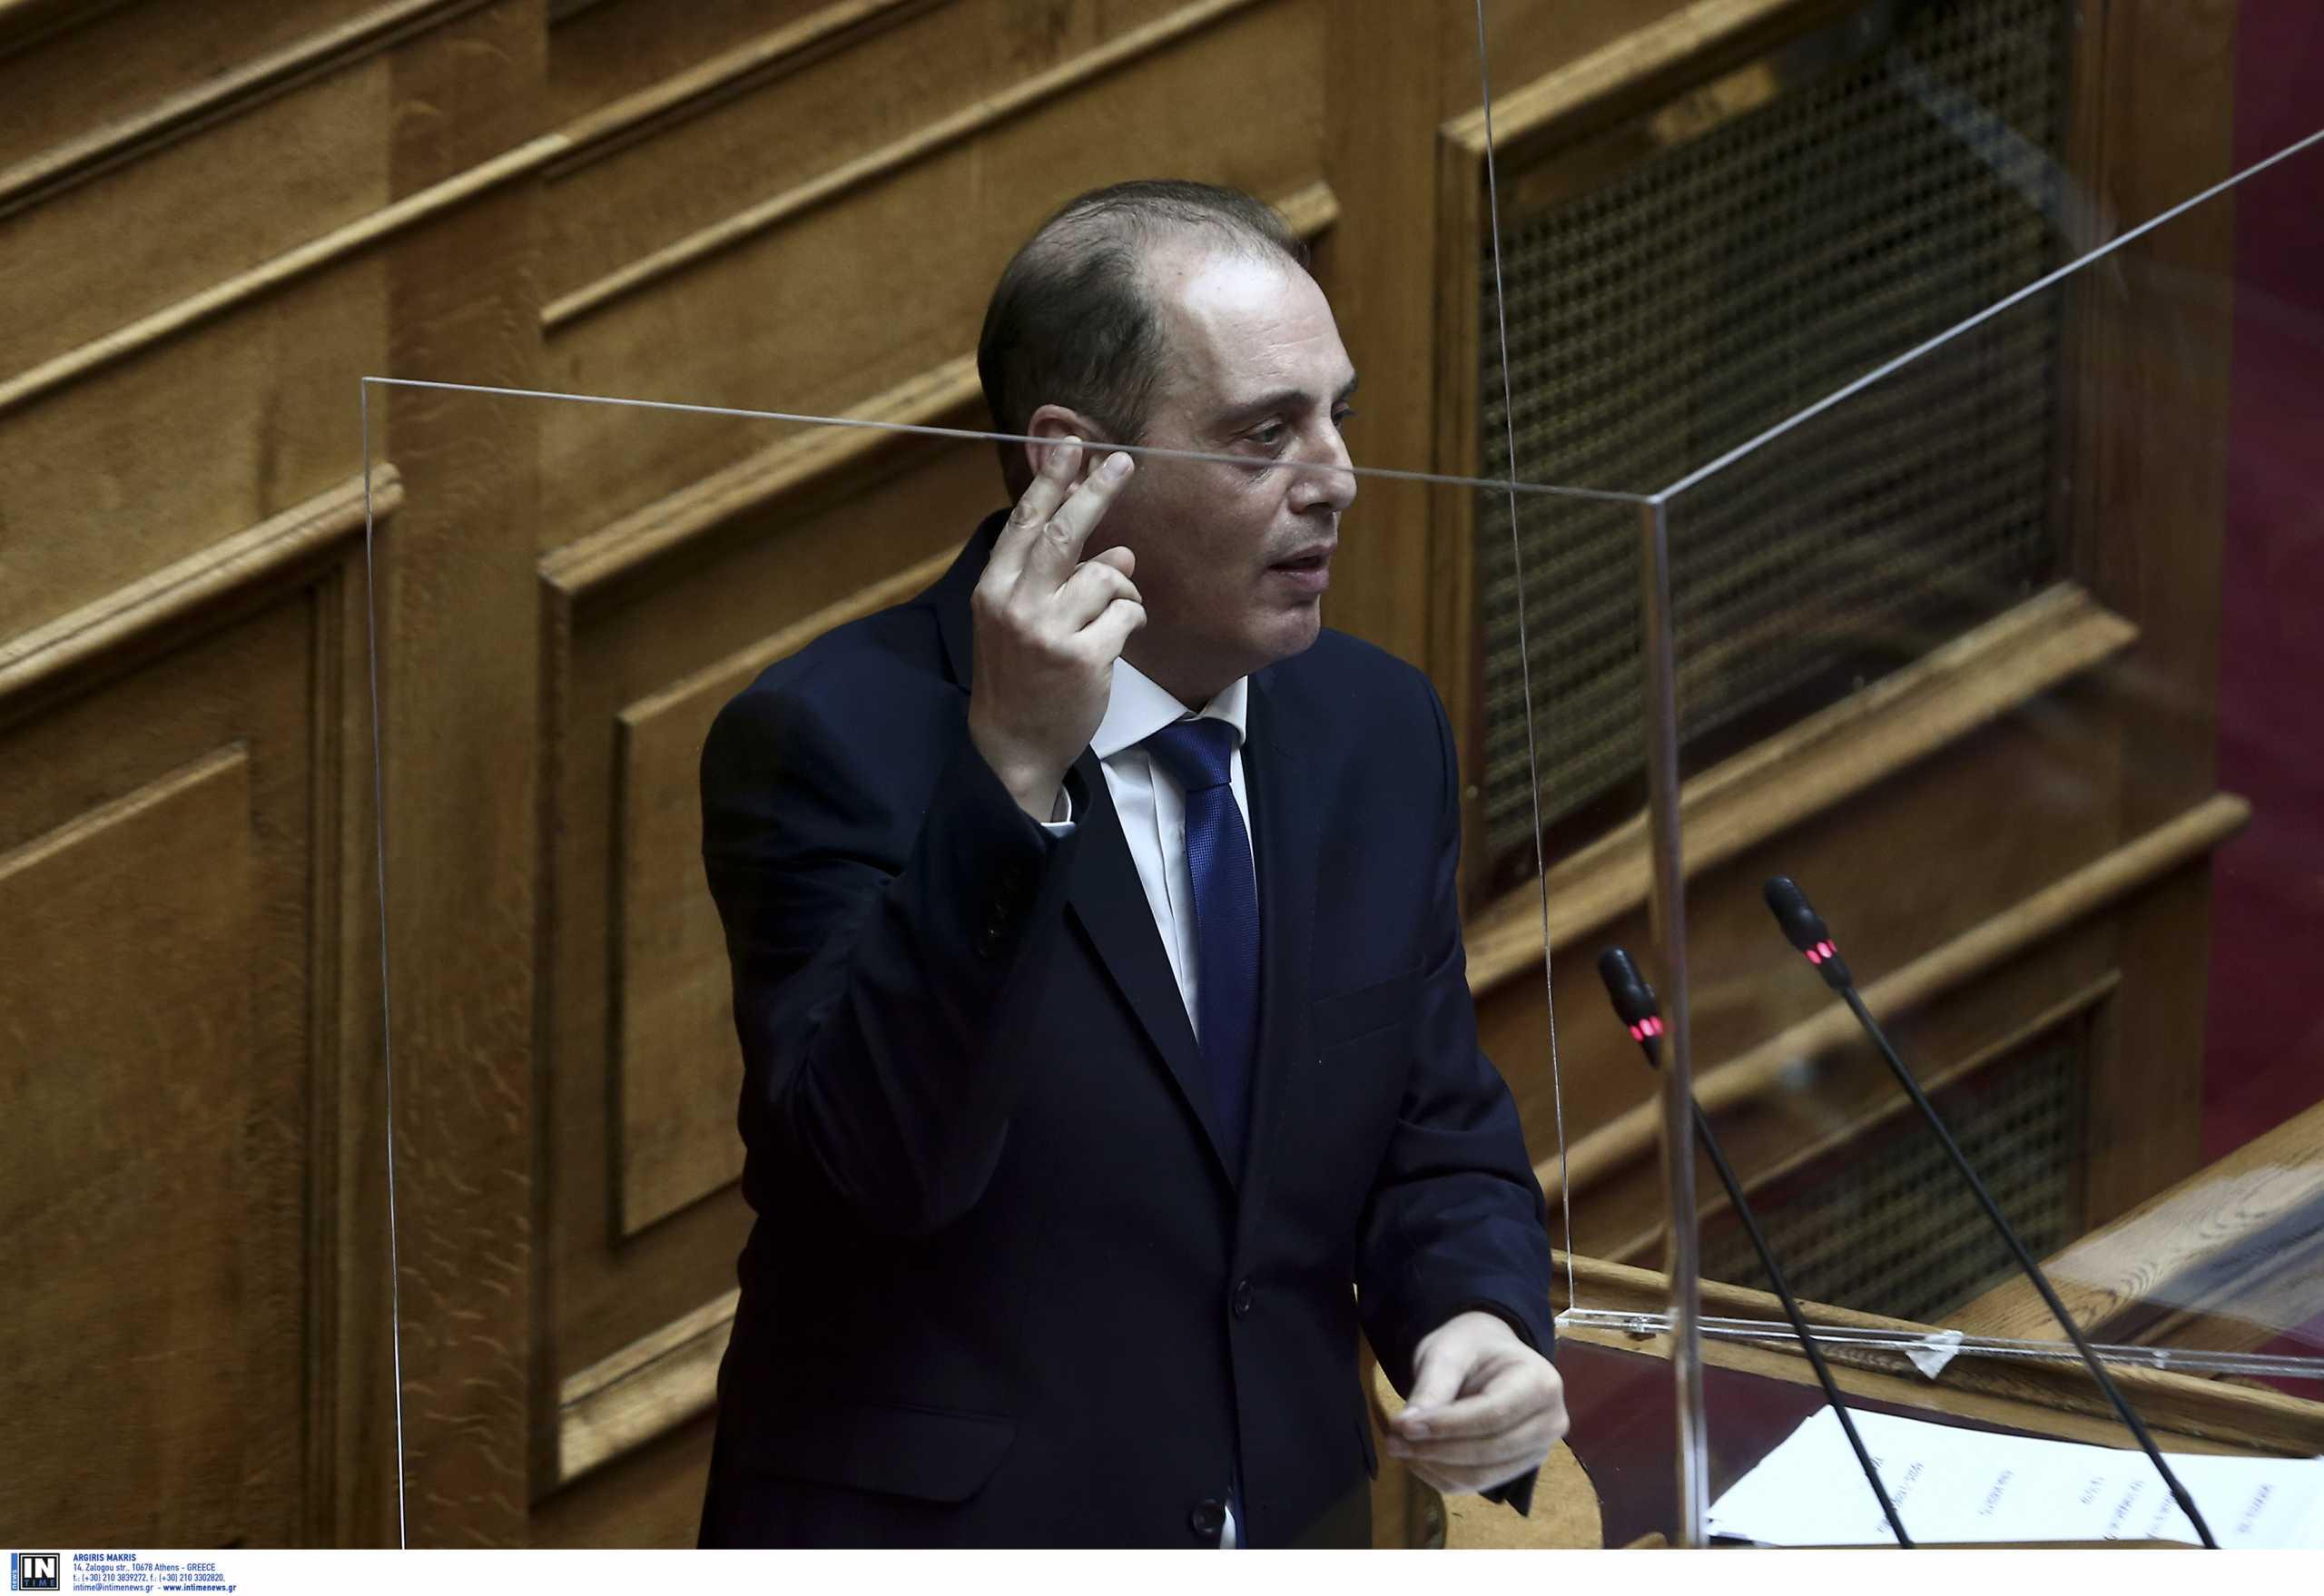 Βελόπουλος: Να παραιτηθεί η Μενδώνη – Κατώτερο των περιστάσεων το πολιτικό σύστημα